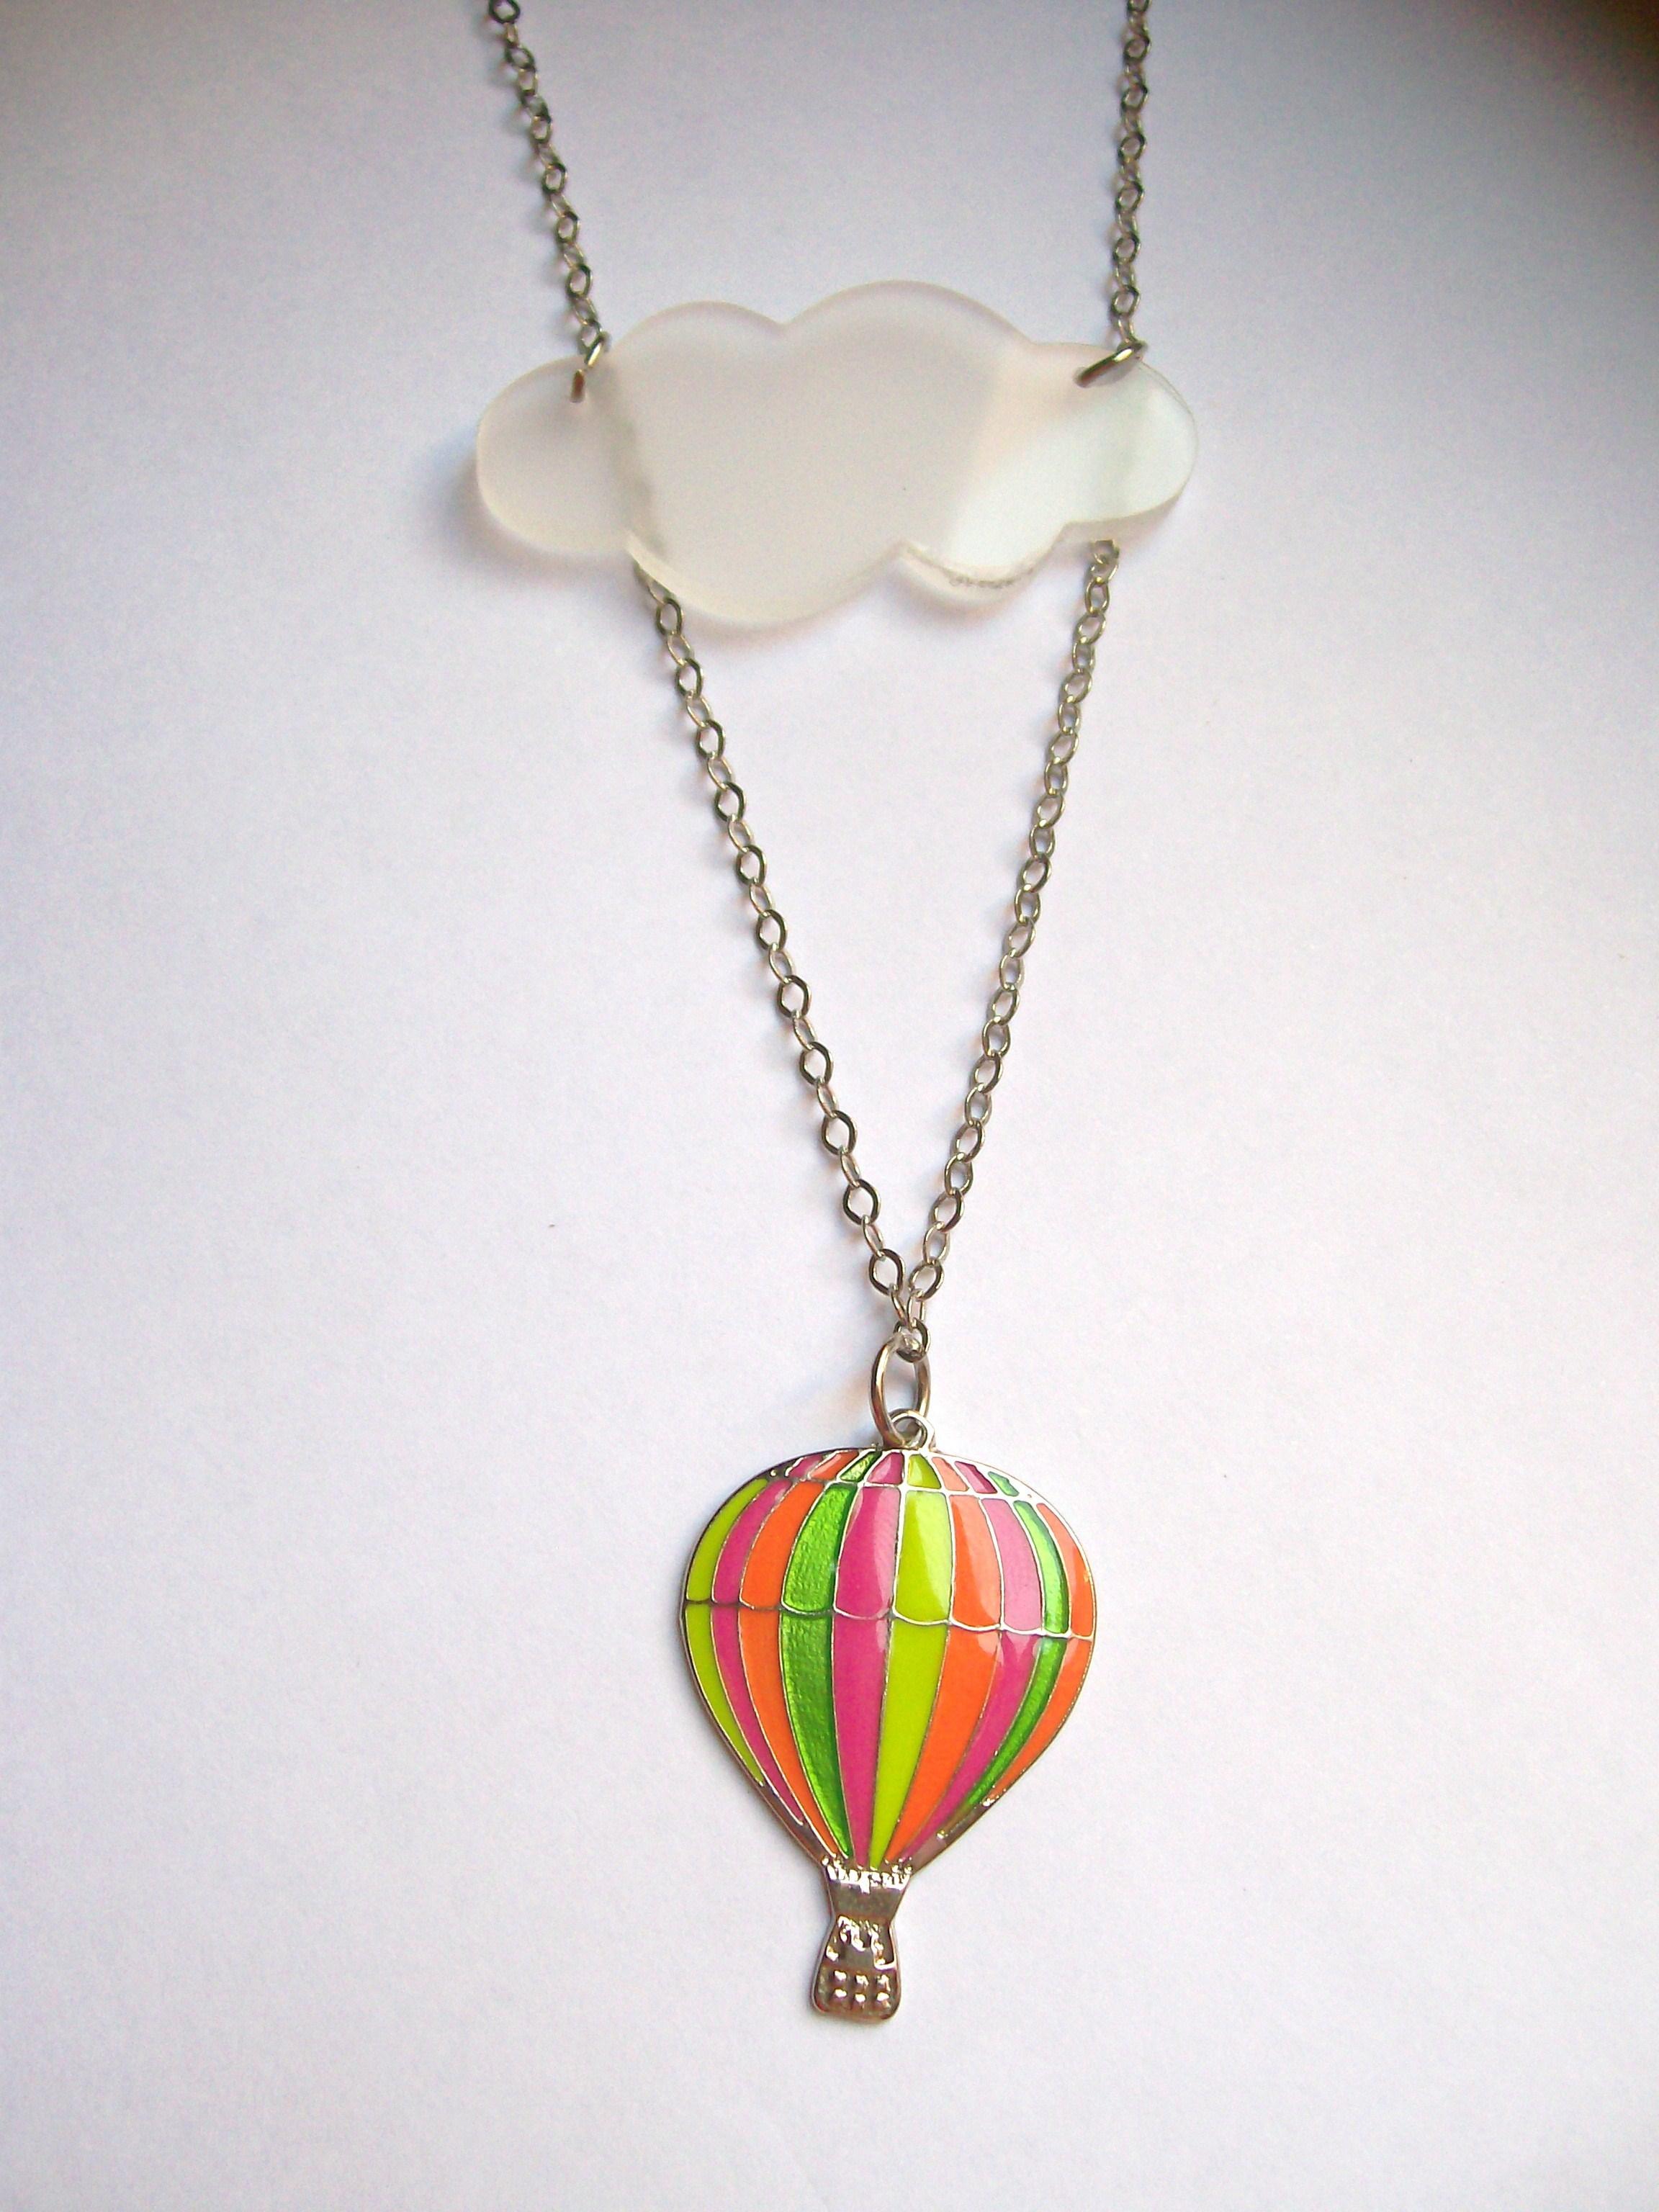 ba8ad743319 Colar Balão e nuvem no Elo7